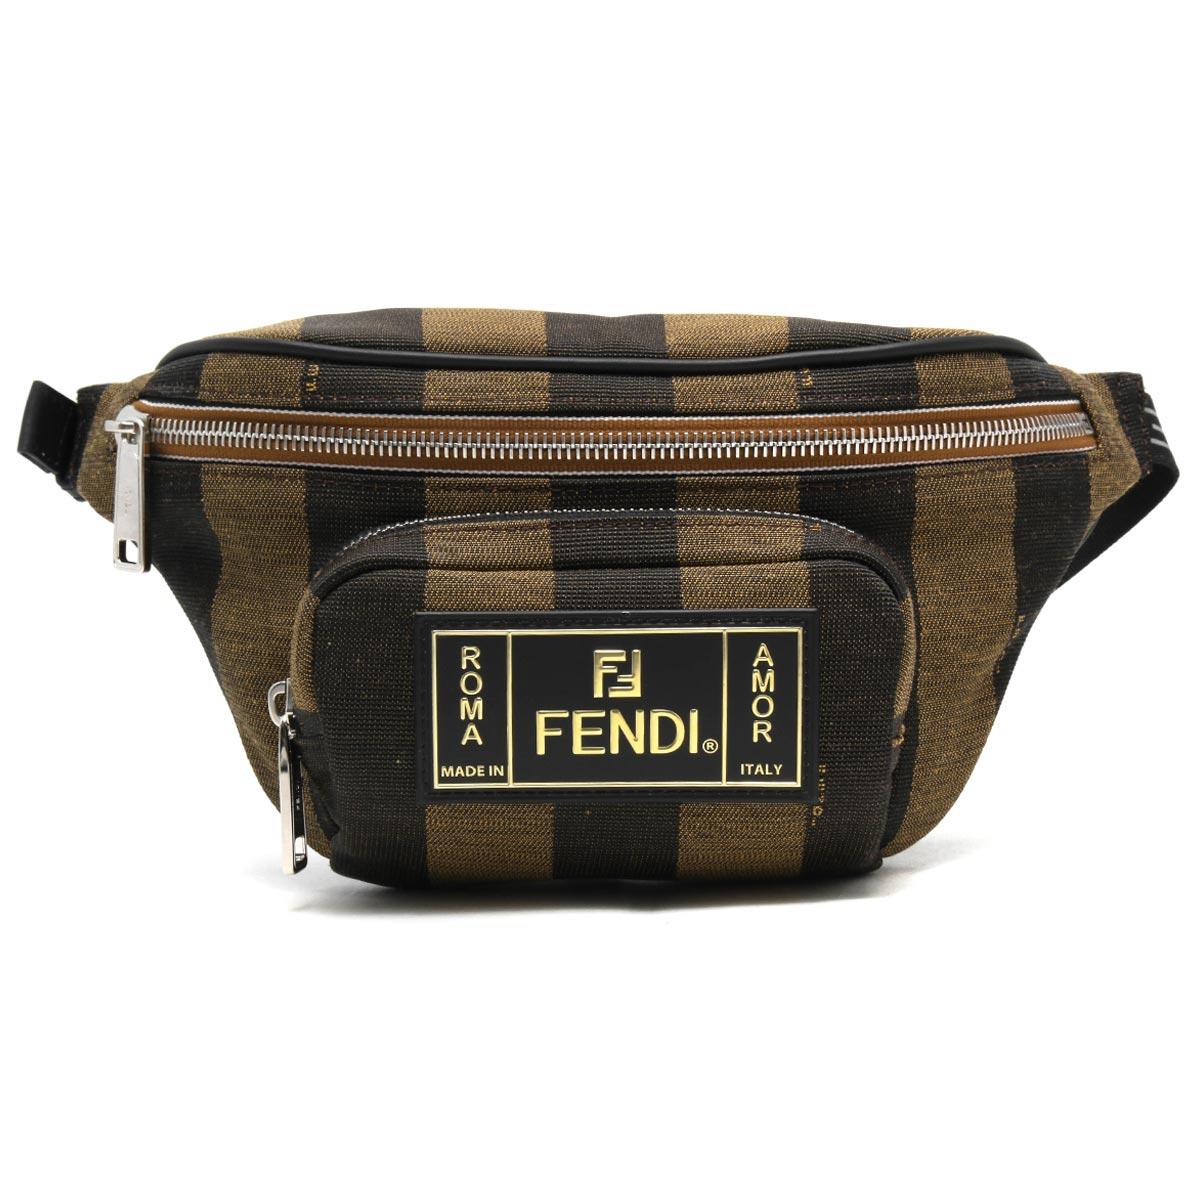 フェンディ ボディバッグ/ショルダーバッグ/ウエストバッグ バッグ メンズ タバコブラウン&ブラック&パラディオ 7VA446 A6HY F164H 2019年秋冬新作 FENDI